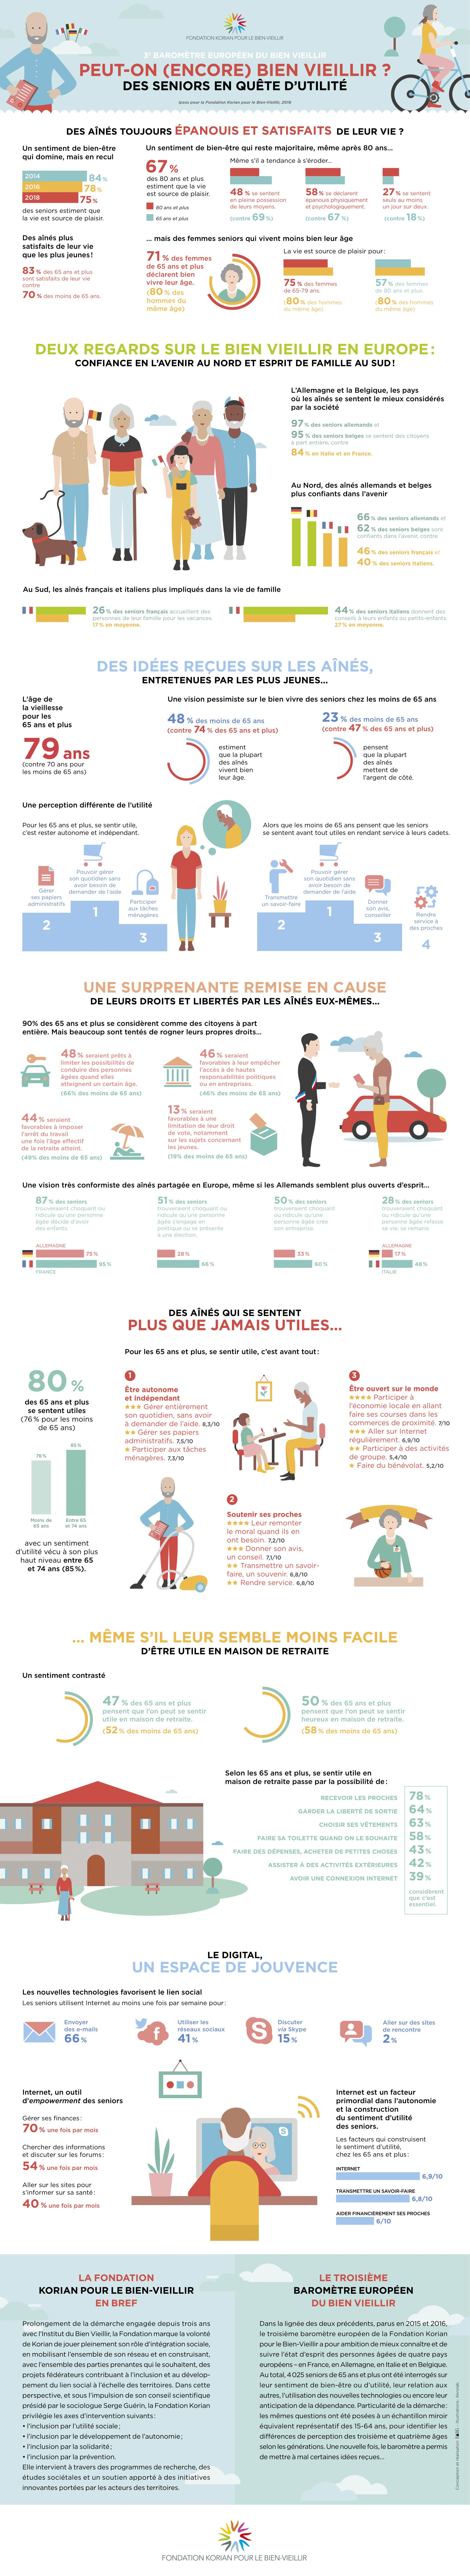 Infographie réalisée par la Fondation Korian sur le bien vieillir en Europe